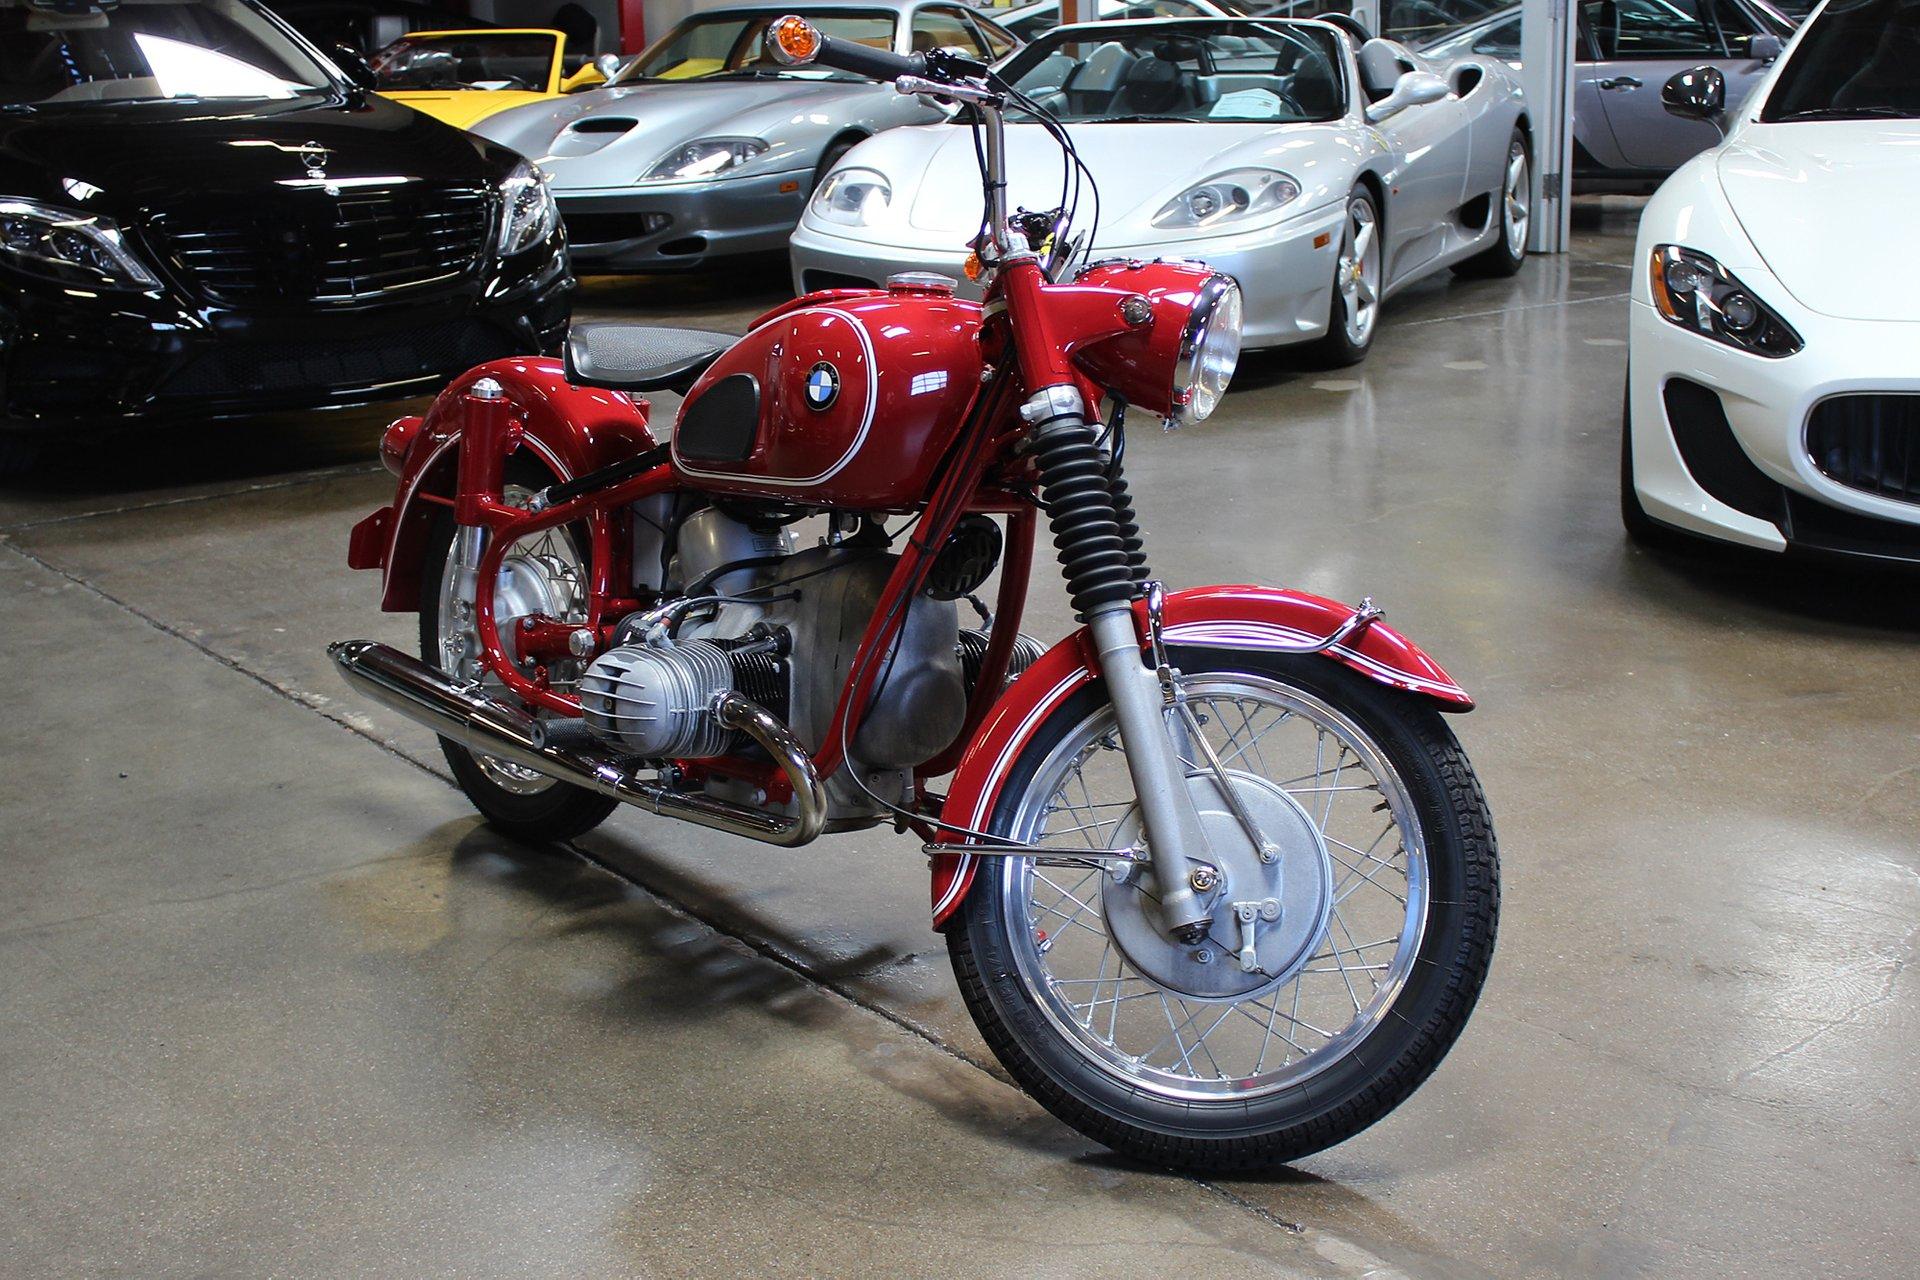 1969 bmw r60 us